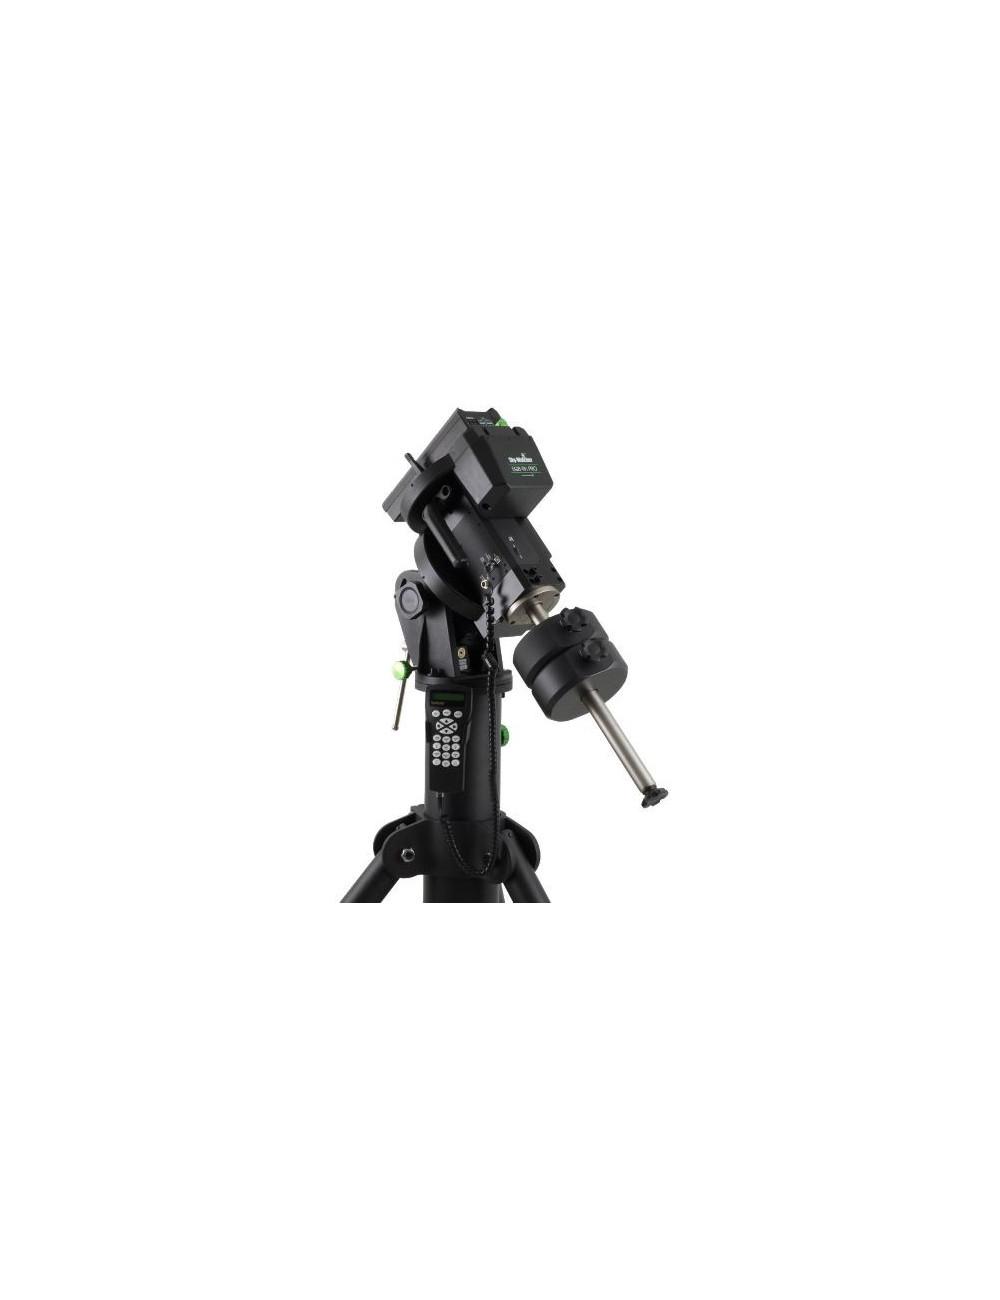 Monture équatoriale EQ8-R Sky-Watcher avec trépied